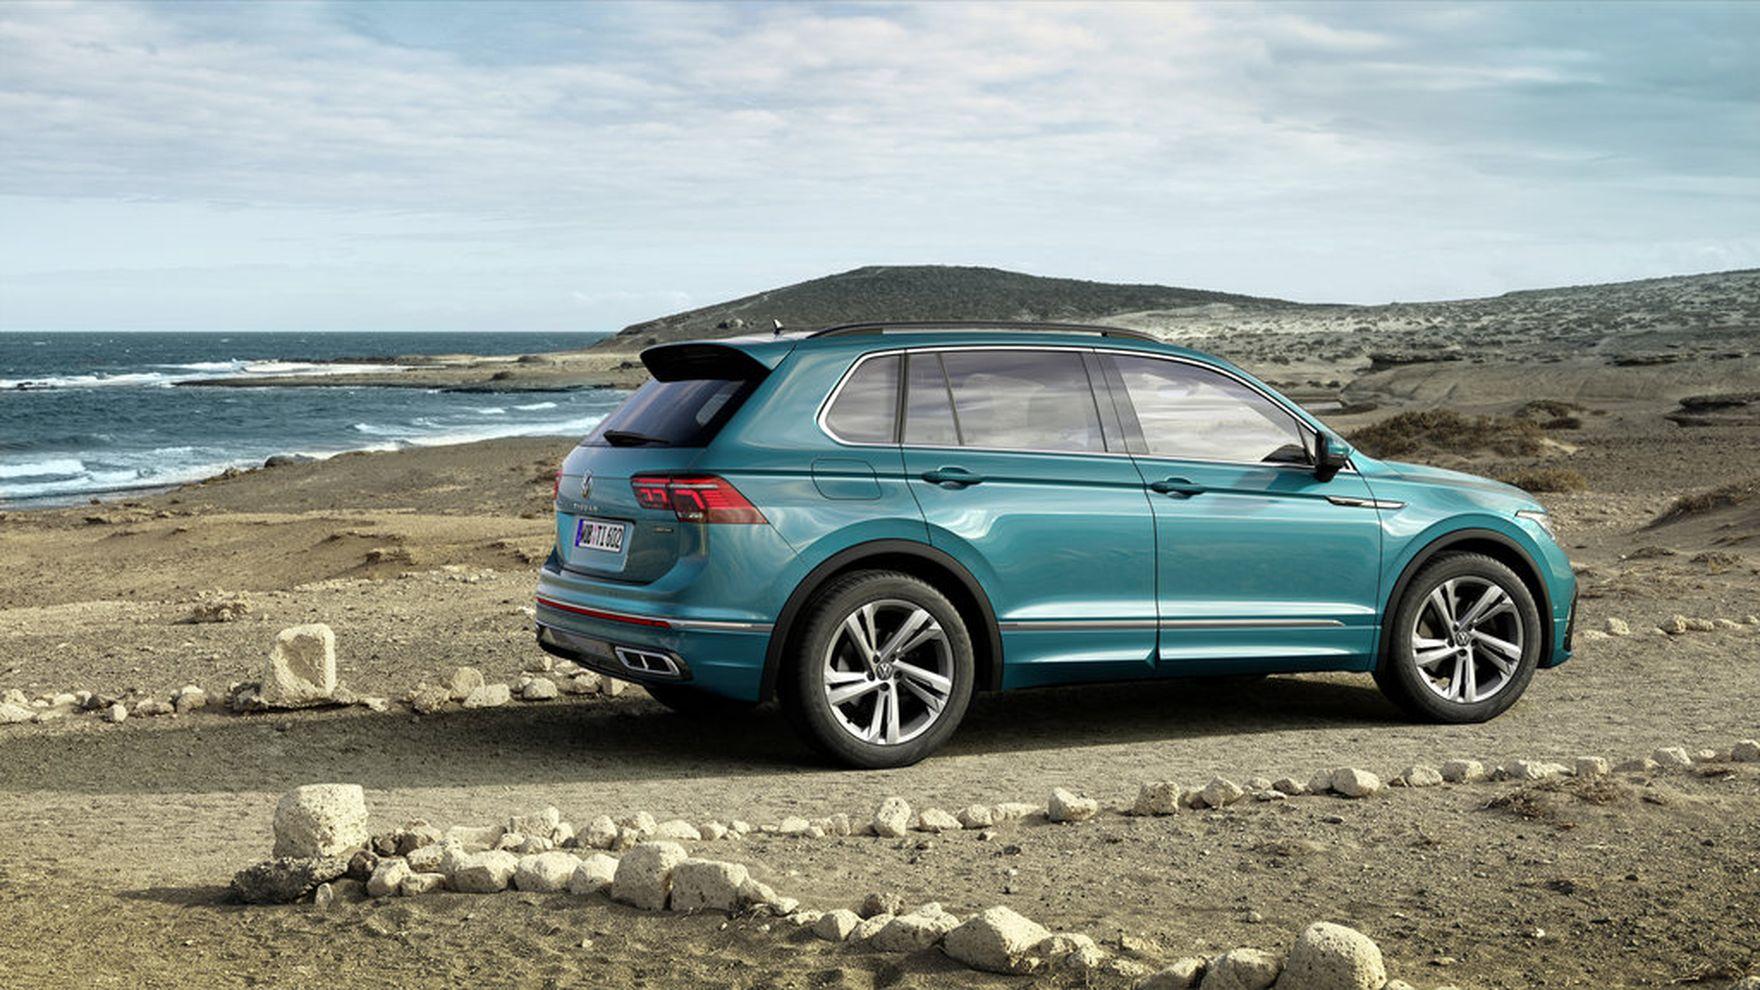 Pewność w każdych warunkach. Co oferują SUV-y Volkswagena? Przyglądamy się ofercie tej marki